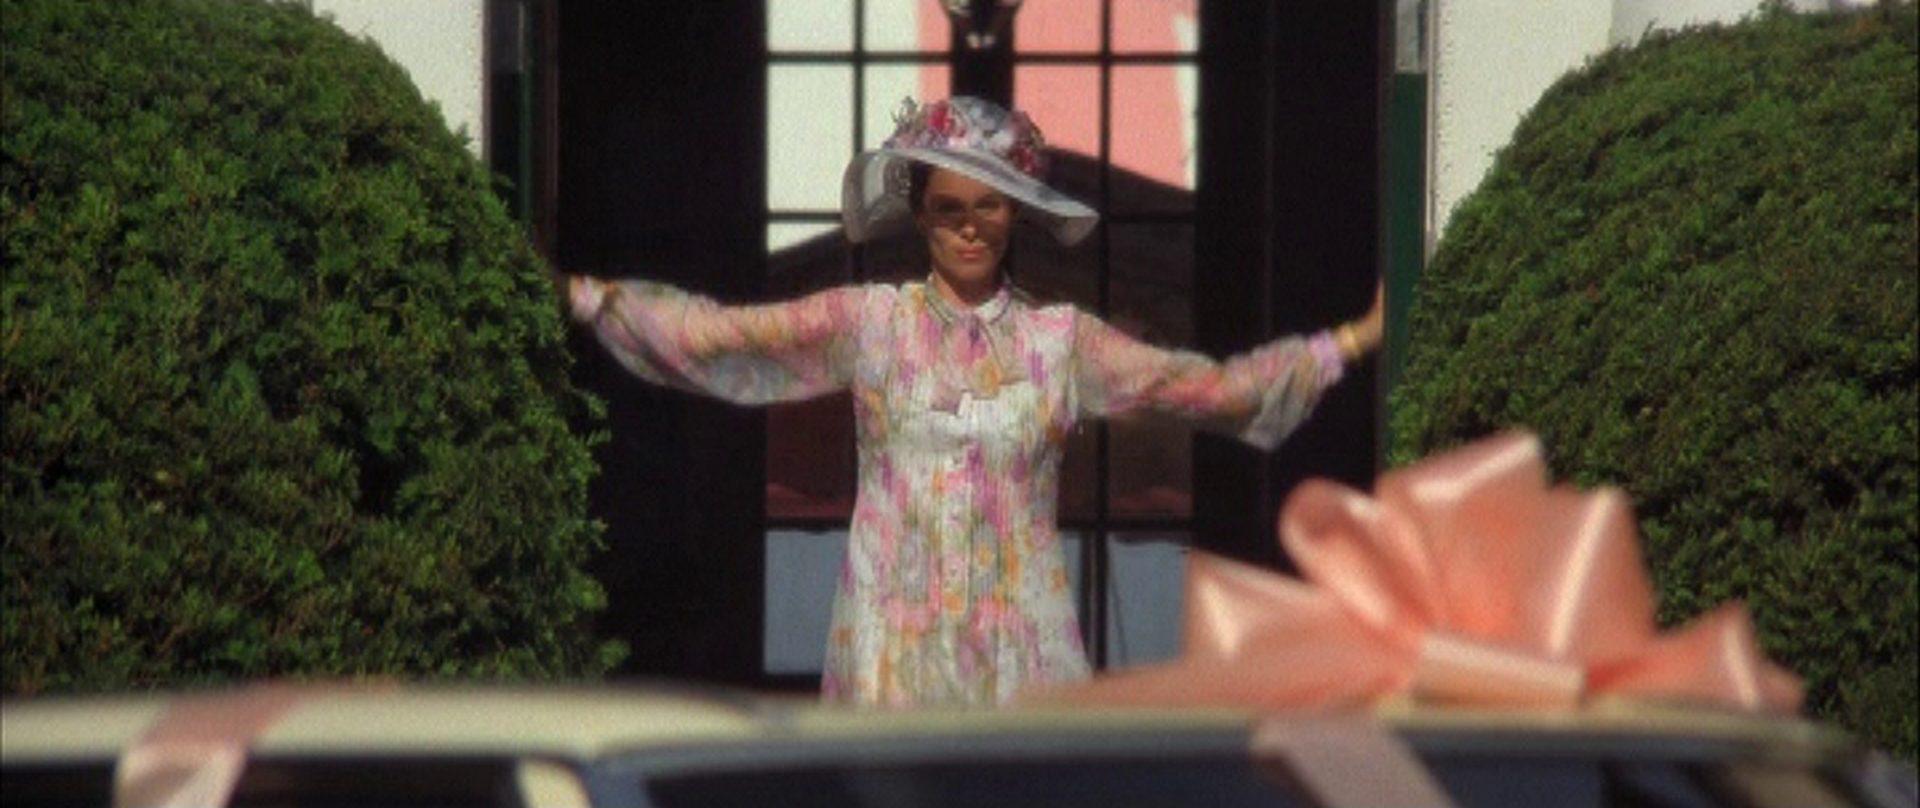 Szene aus 'Eine Hochzeit(1978)', Copyright: Twentieth Century-Fox